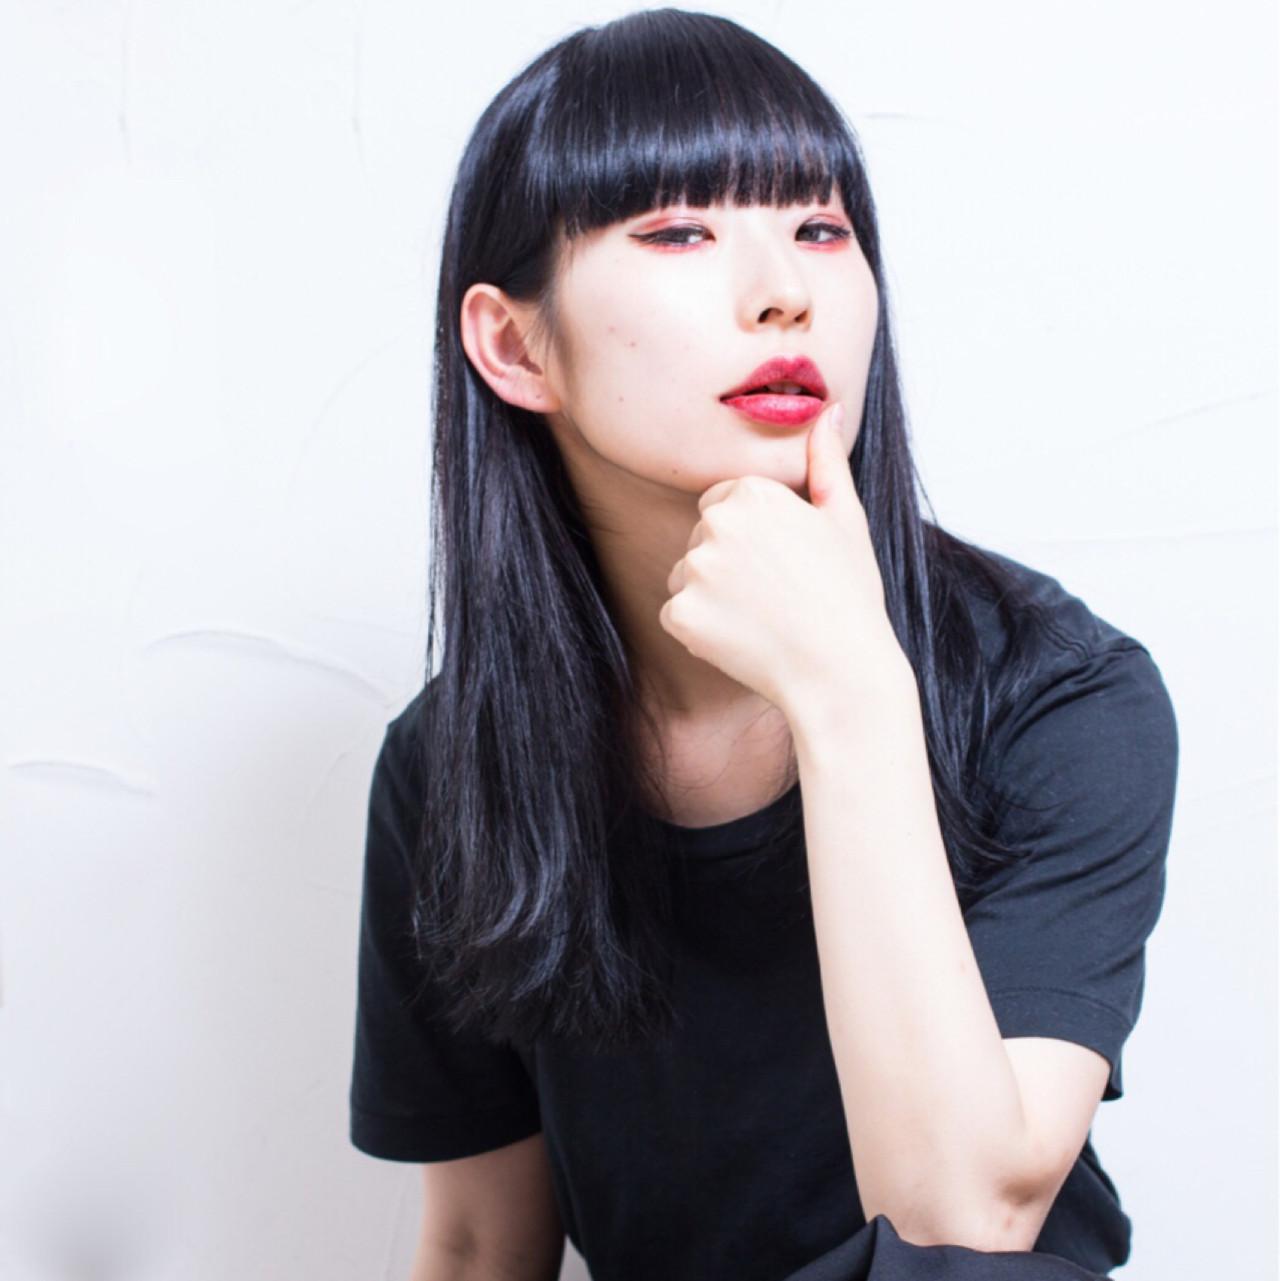 カジュアル切りっぱなしのノームコアスタイルでナチュラル美人 山田涼一